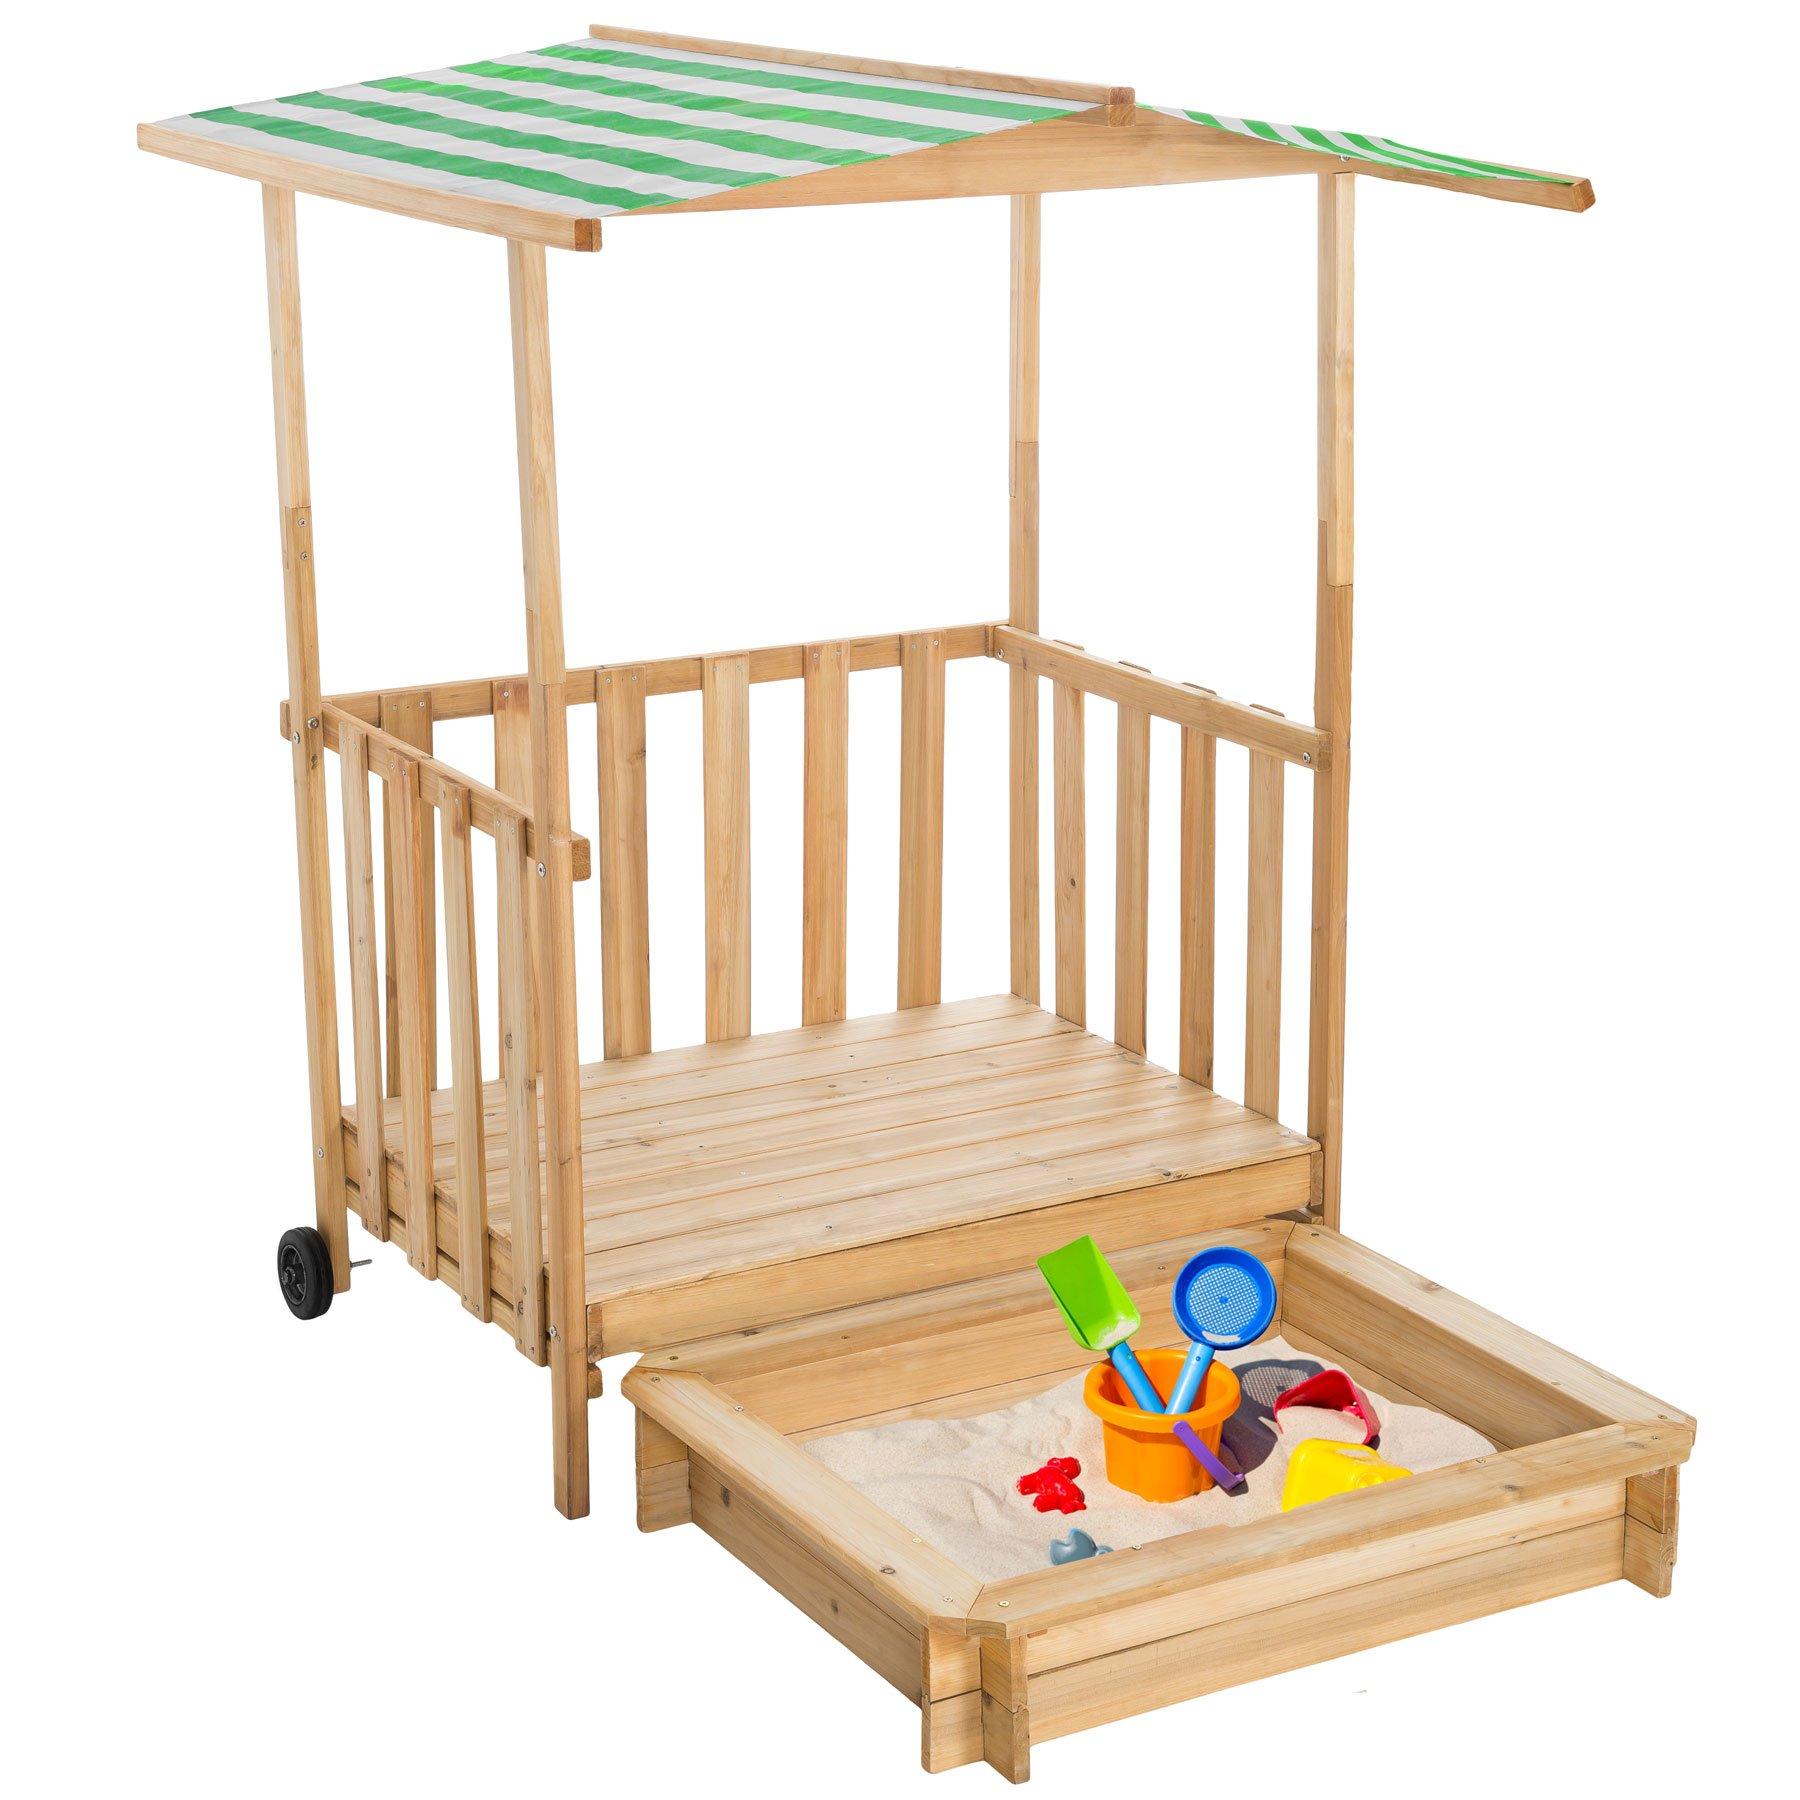 TecTake Arenero con Techo para niños Veranda Madera Protección contra el Sol (Verde| No. 400914): Amazon.es: Juguetes y juegos